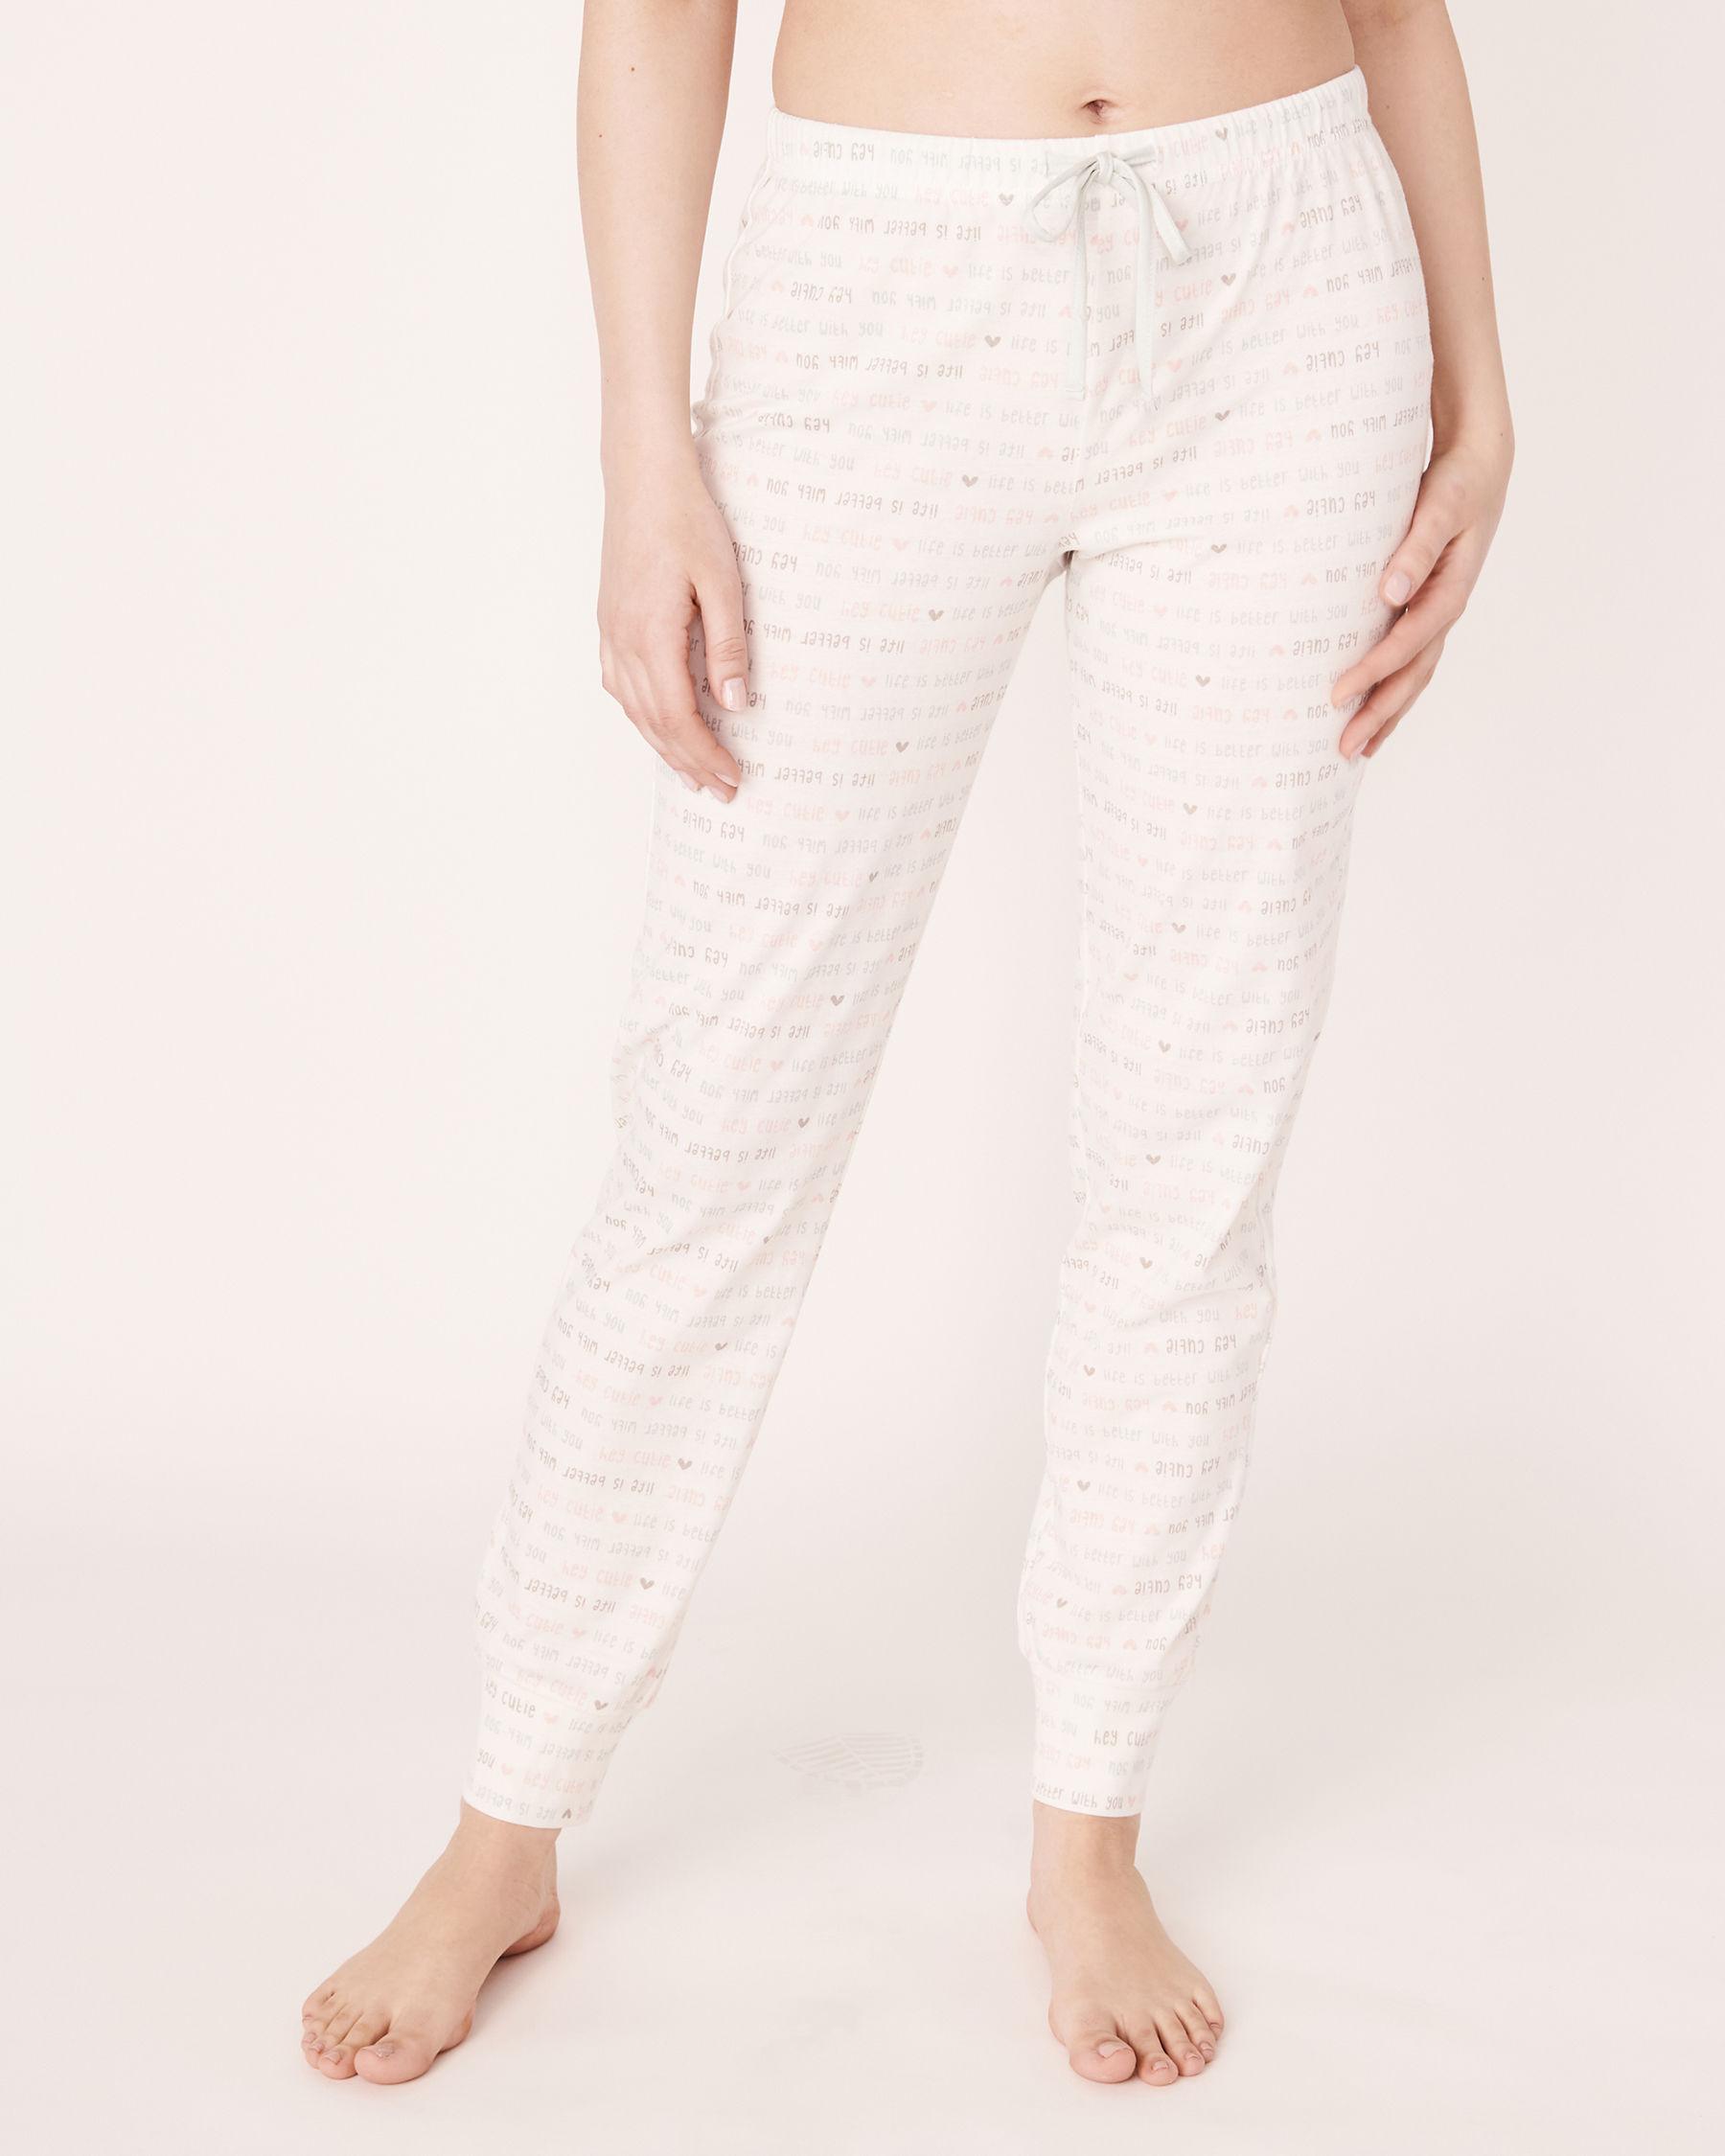 LA VIE EN ROSE Fitted Pyjama Pant Wording 40200105 - View1